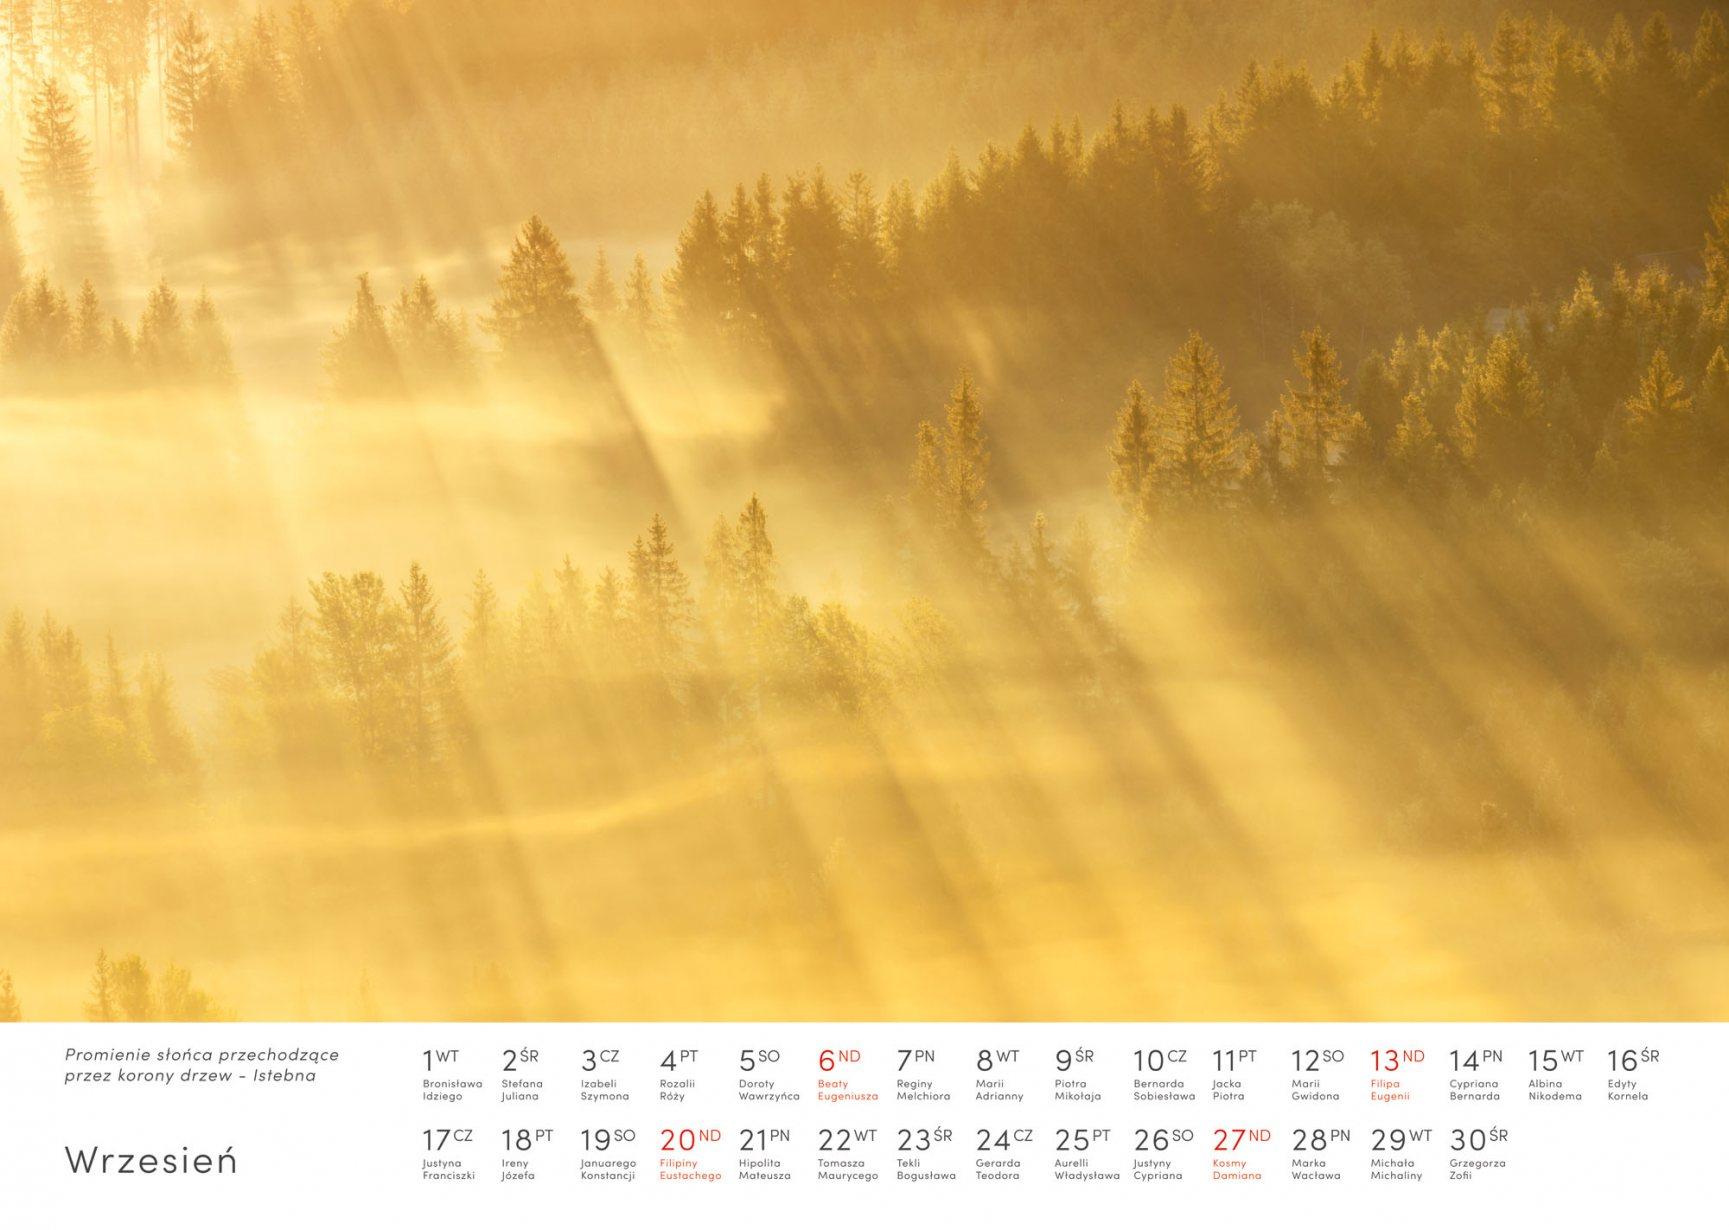 Kalendarz krajobrazy 2020 - Wrzesień - Piotr Kałuża - Istebna promienie słońca krajobraz